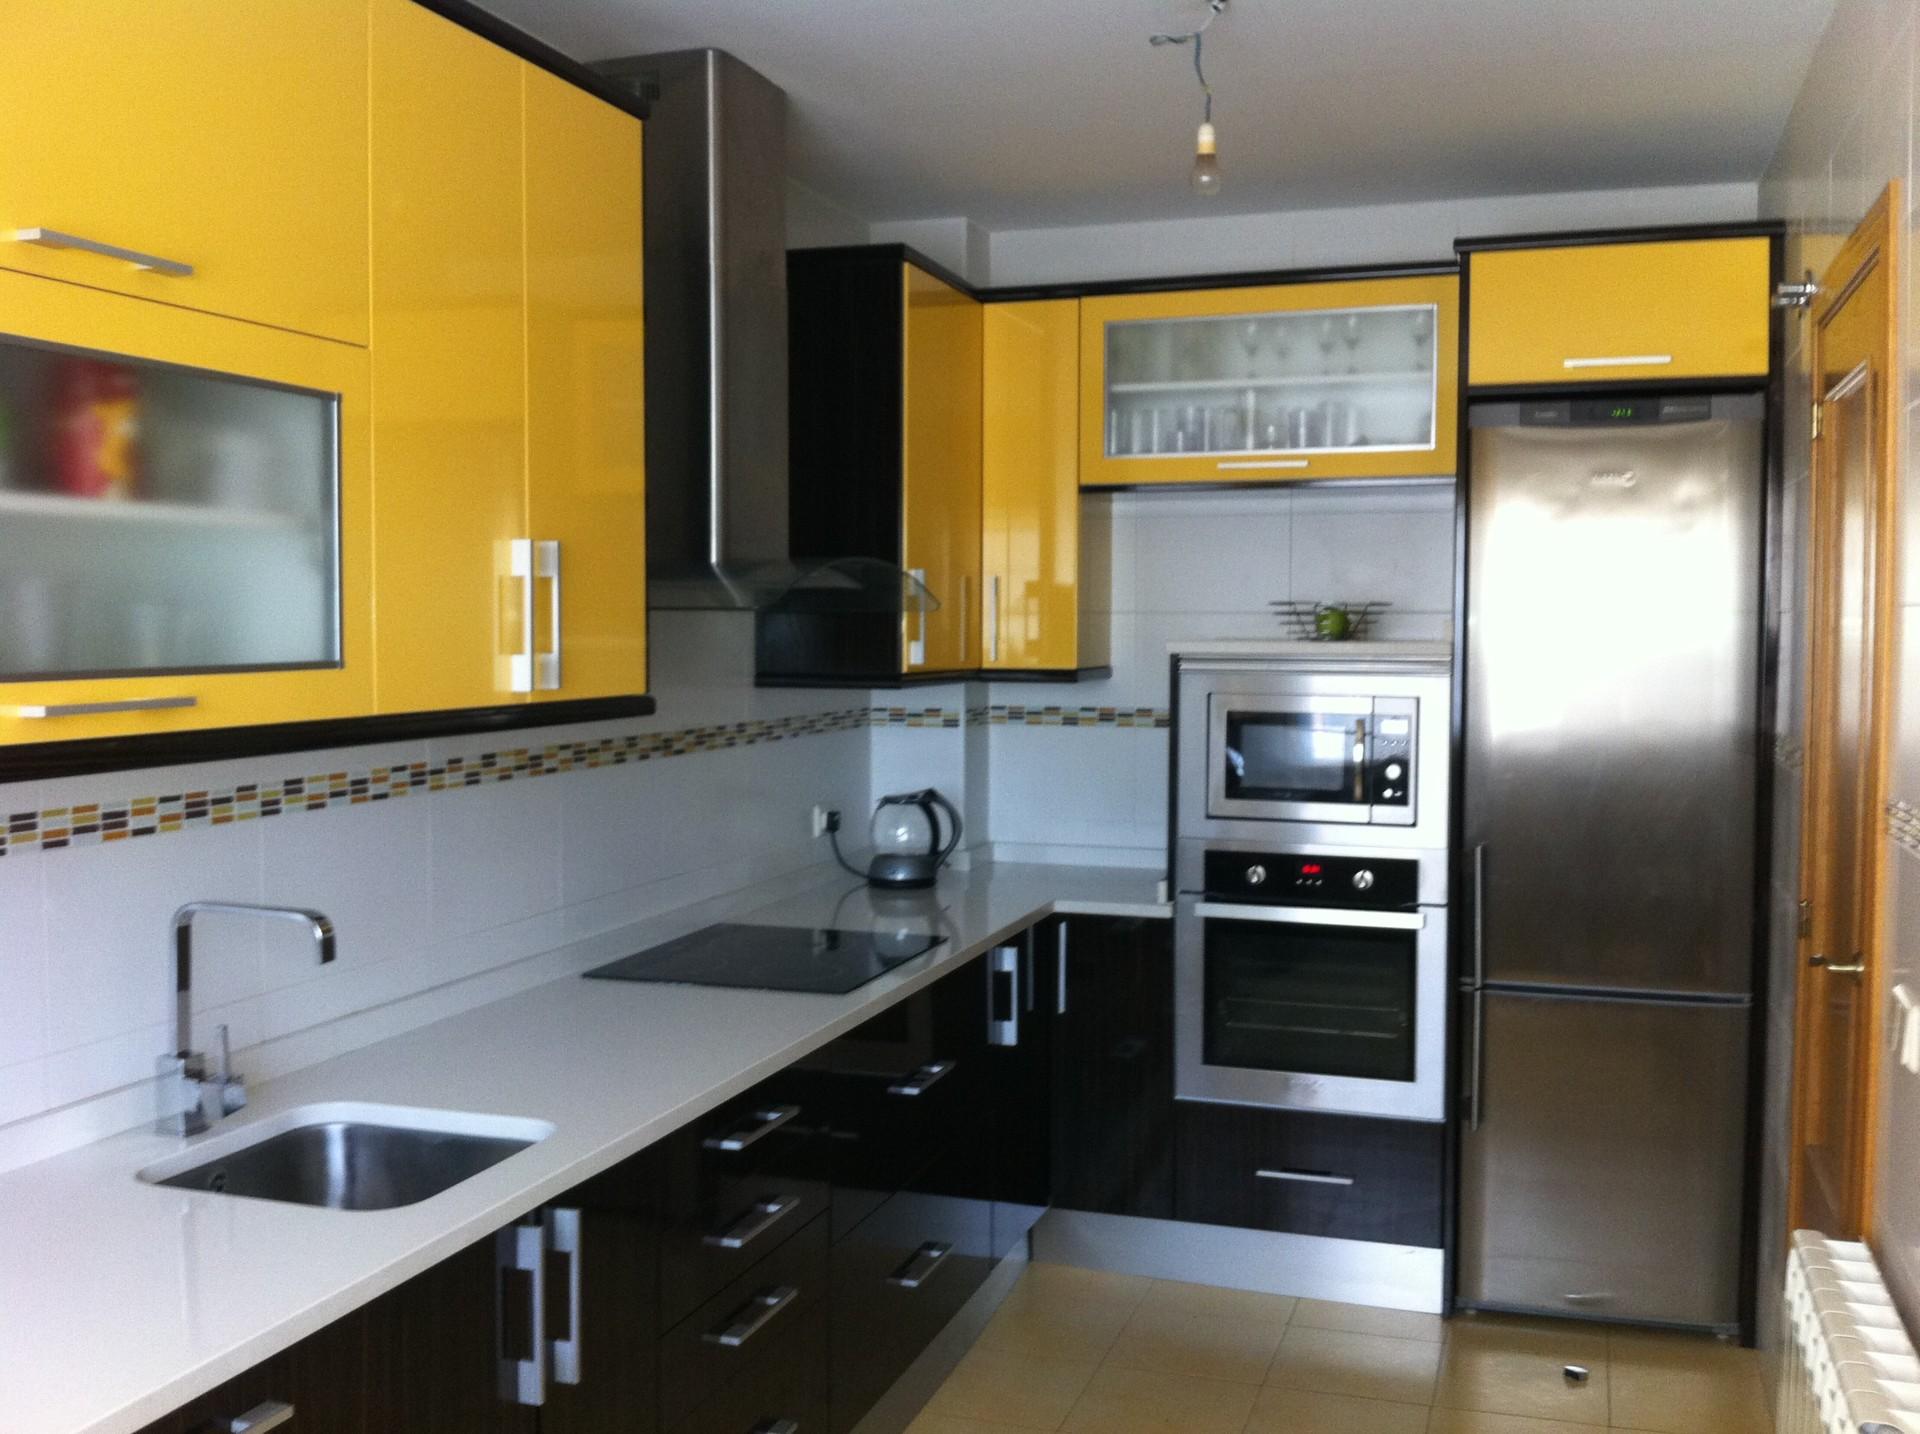 Habitaci n de 12m en chalet alquiler habitaciones madrid - Calentar habitacion 20 metros ...